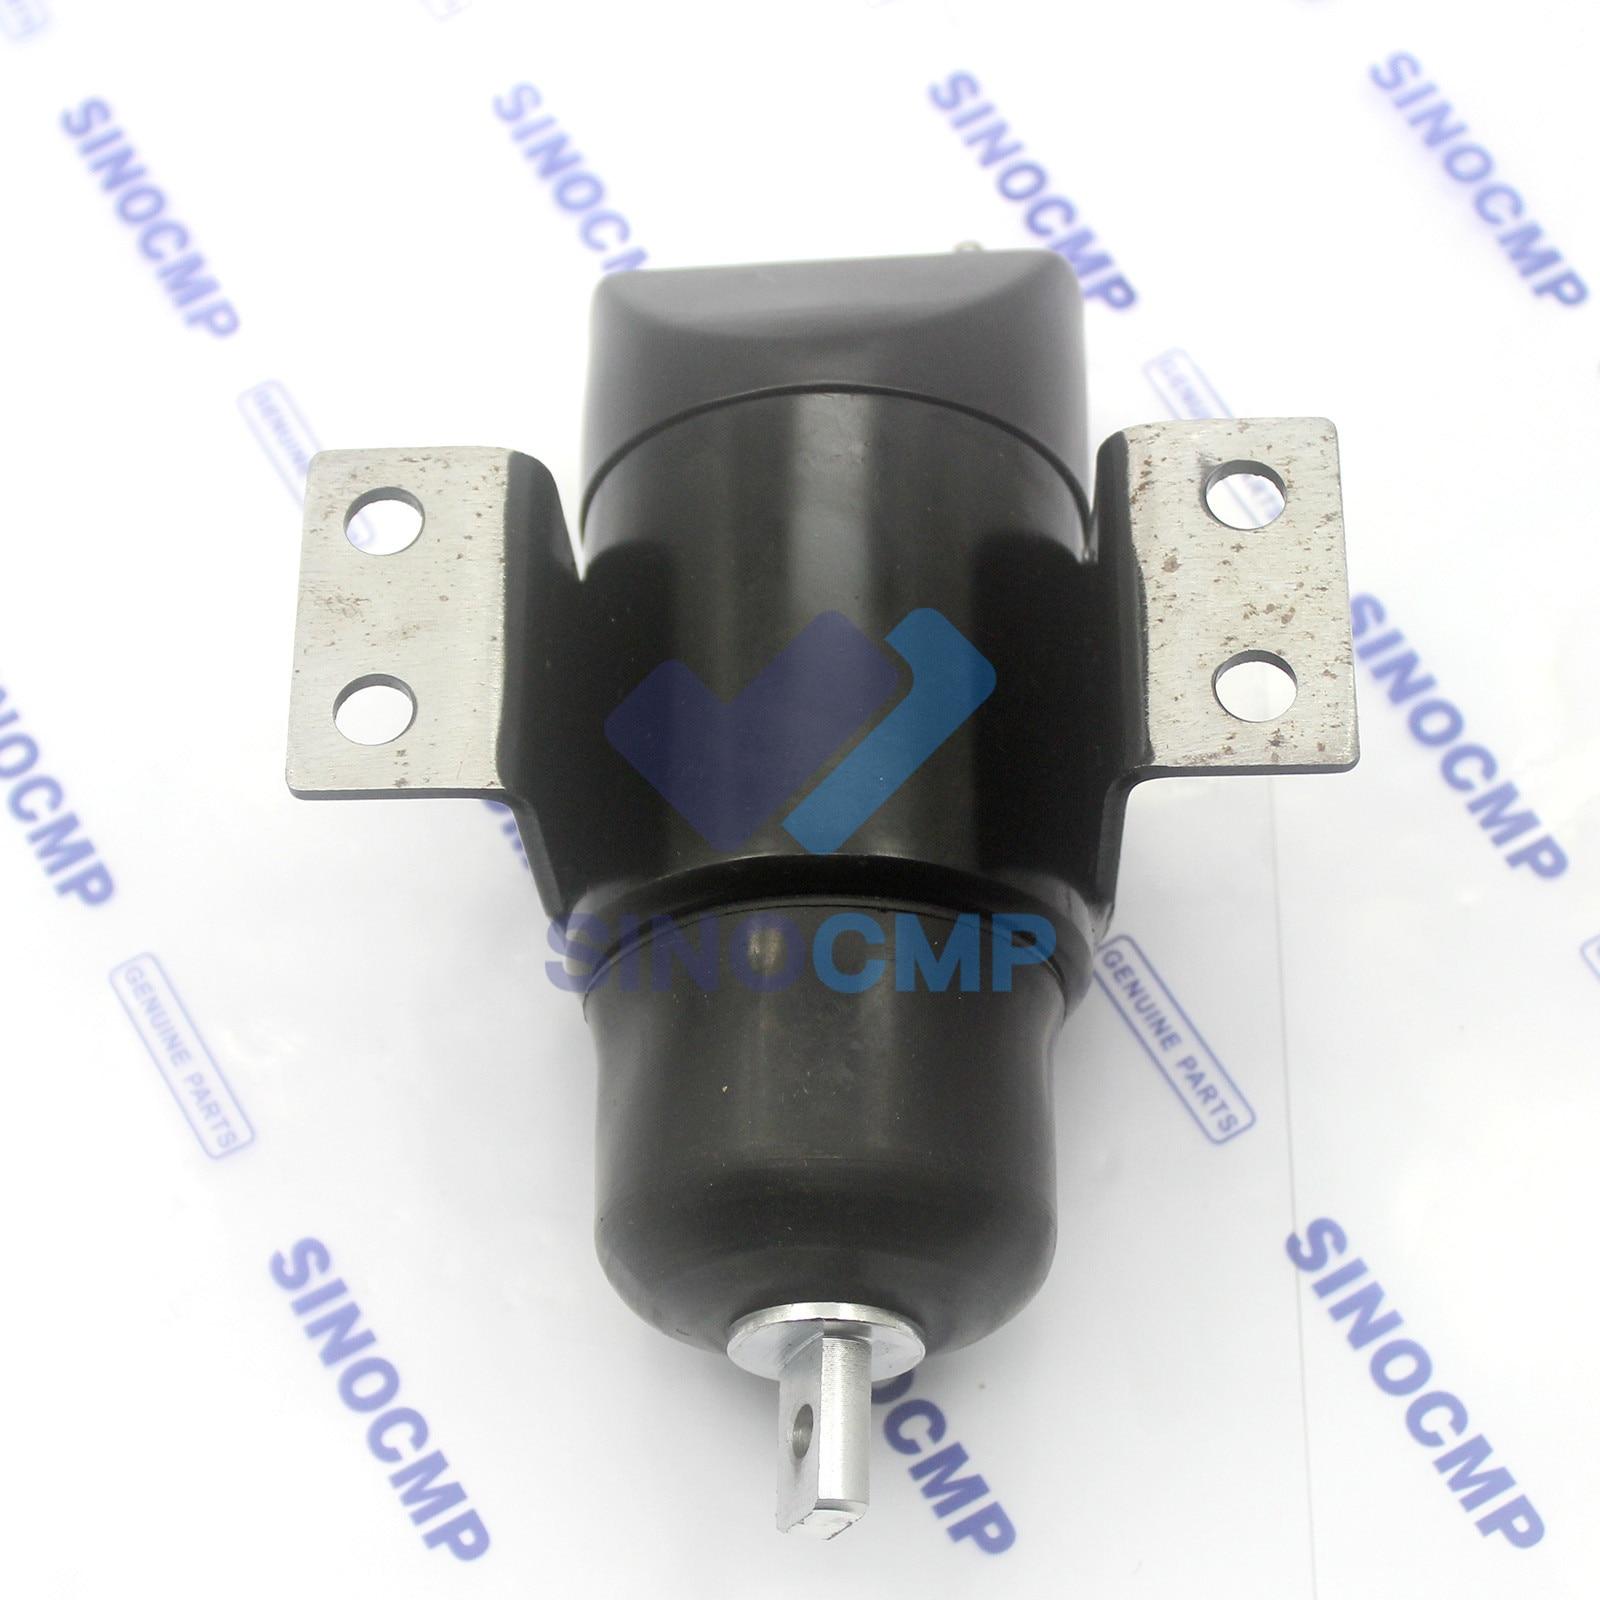 053400-7100 24 فولت إغلاق الوقود الملف اللولبي قطع الملف اللولبي لمحرك حفارة قطع غيار ما بعد البيع ،